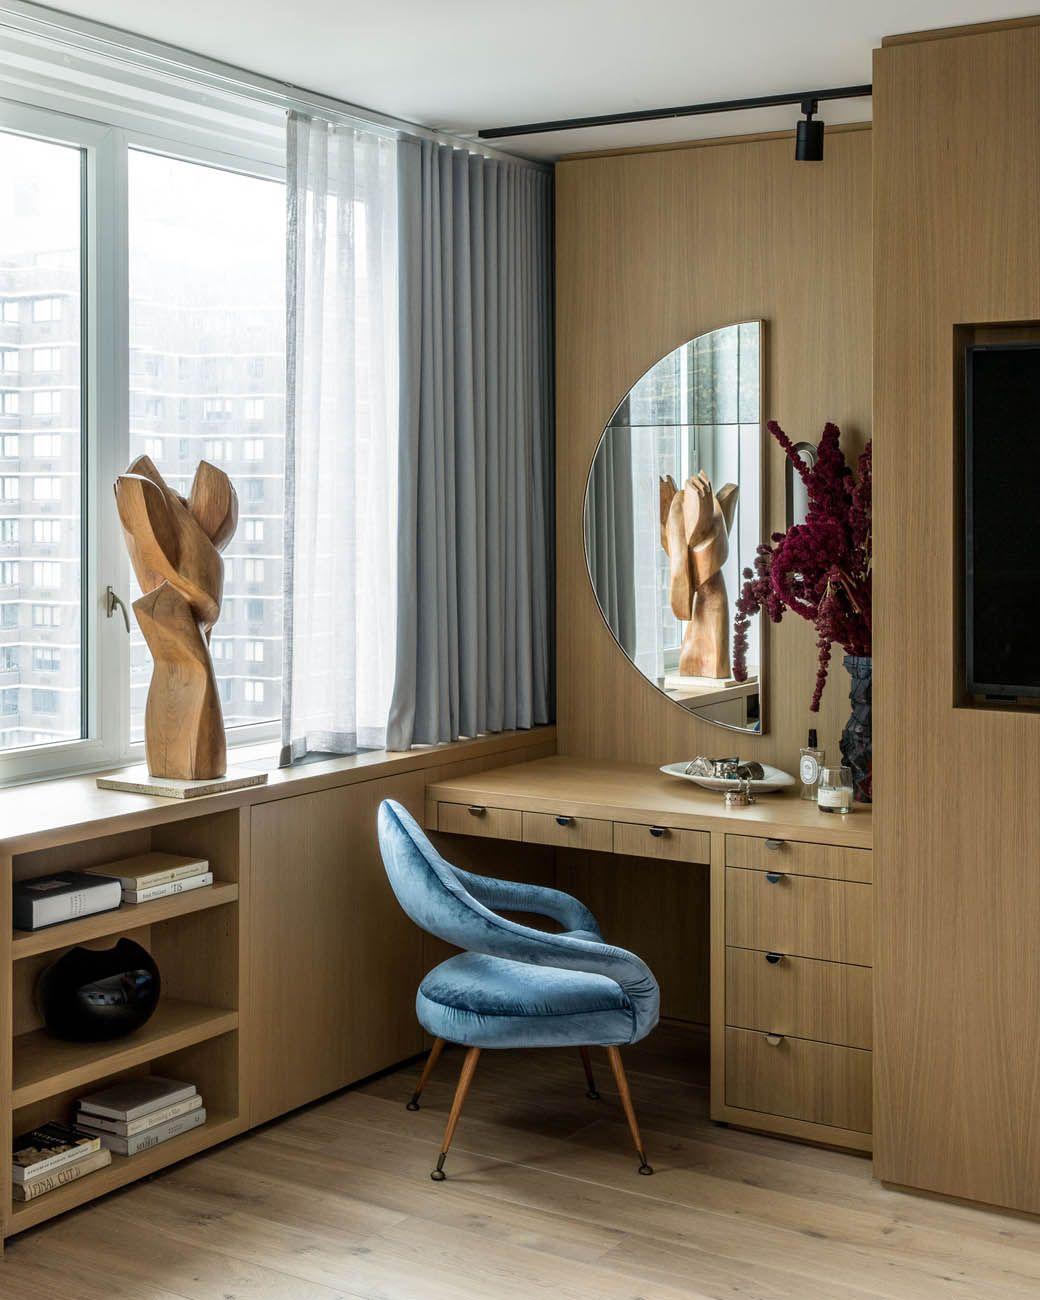 Badezimmer ideen dekor klein a new york apartment inspired by rousseau  rue  wohnen  pinterest